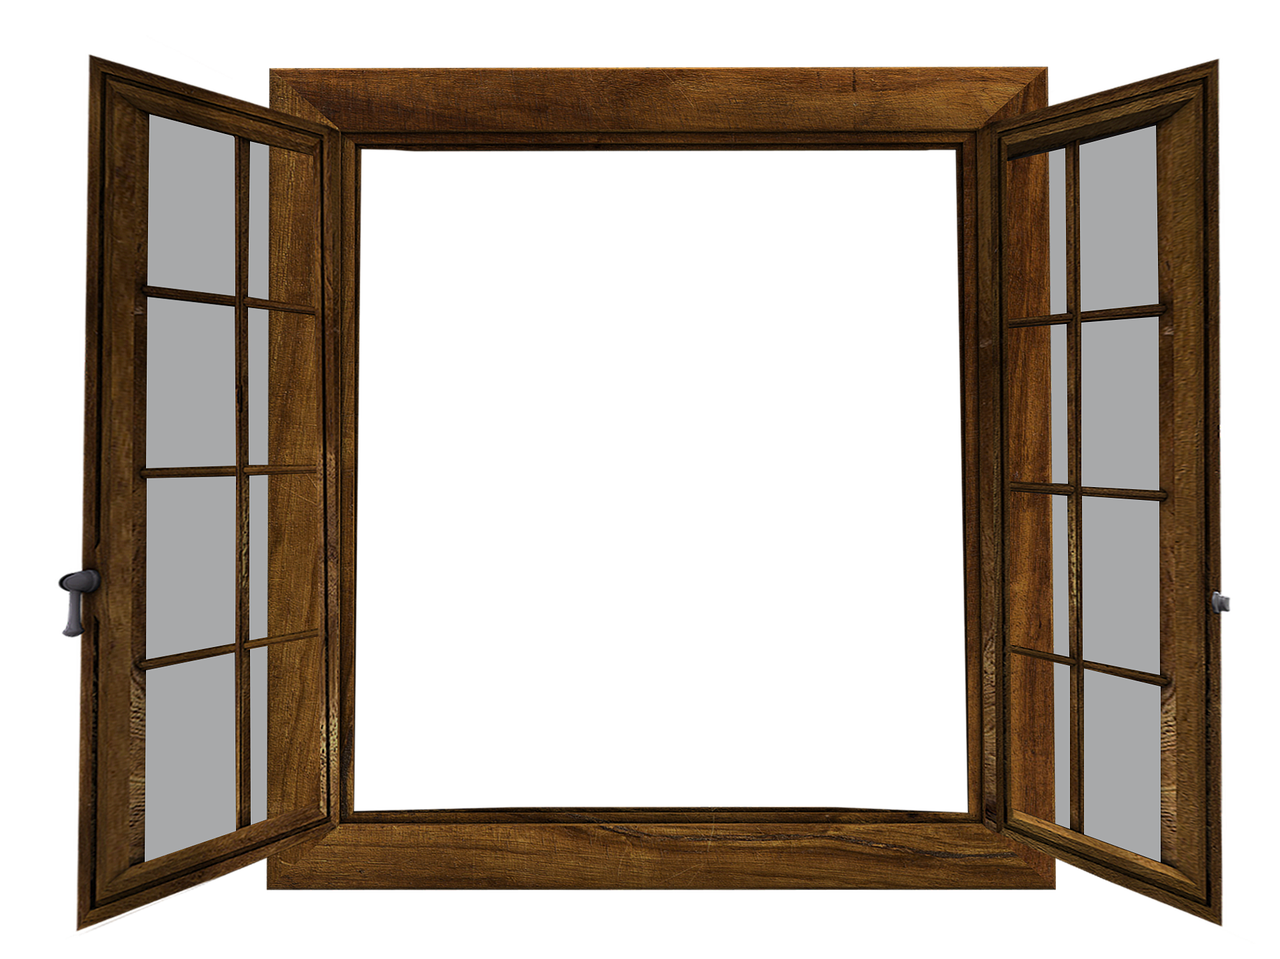 Full Size of Fenster Einbruchschutz Sicherheitsbeschlge Beim So Verbessern Sie Den Teleskopstange Sicherheitsfolie Sonnenschutz Internorm Preise Roro Gardinen Fenster Fenster Einbruchschutz